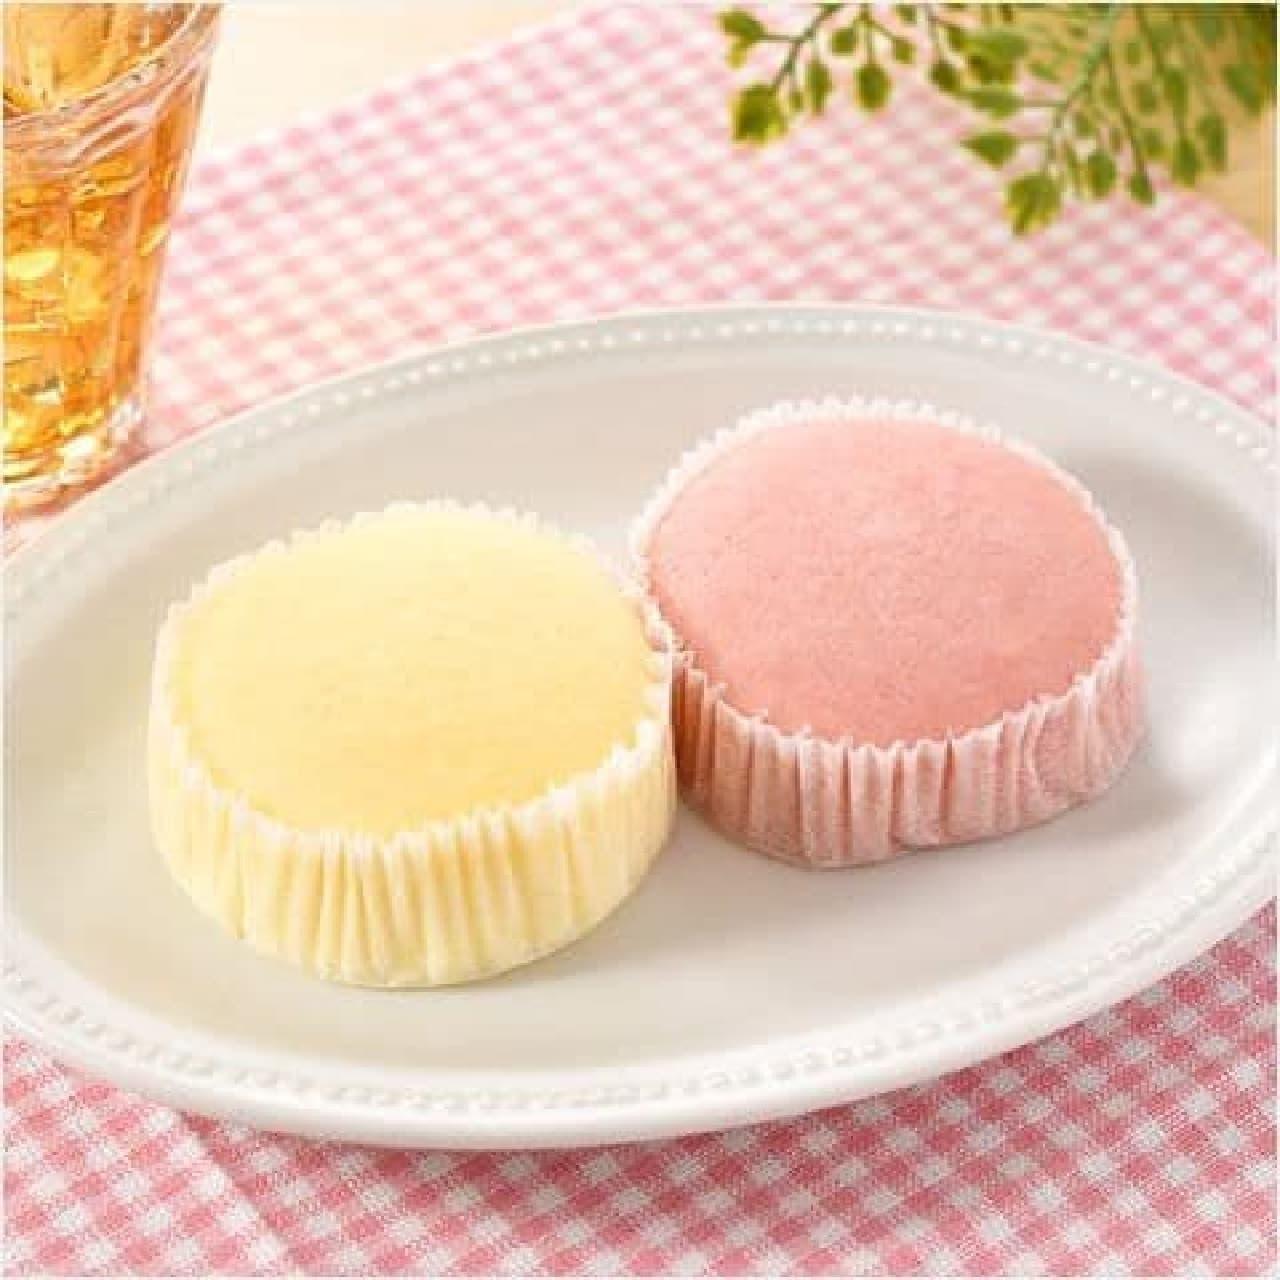 ファミリーマート「紅白蒸しケーキ(いちごとミルク)」